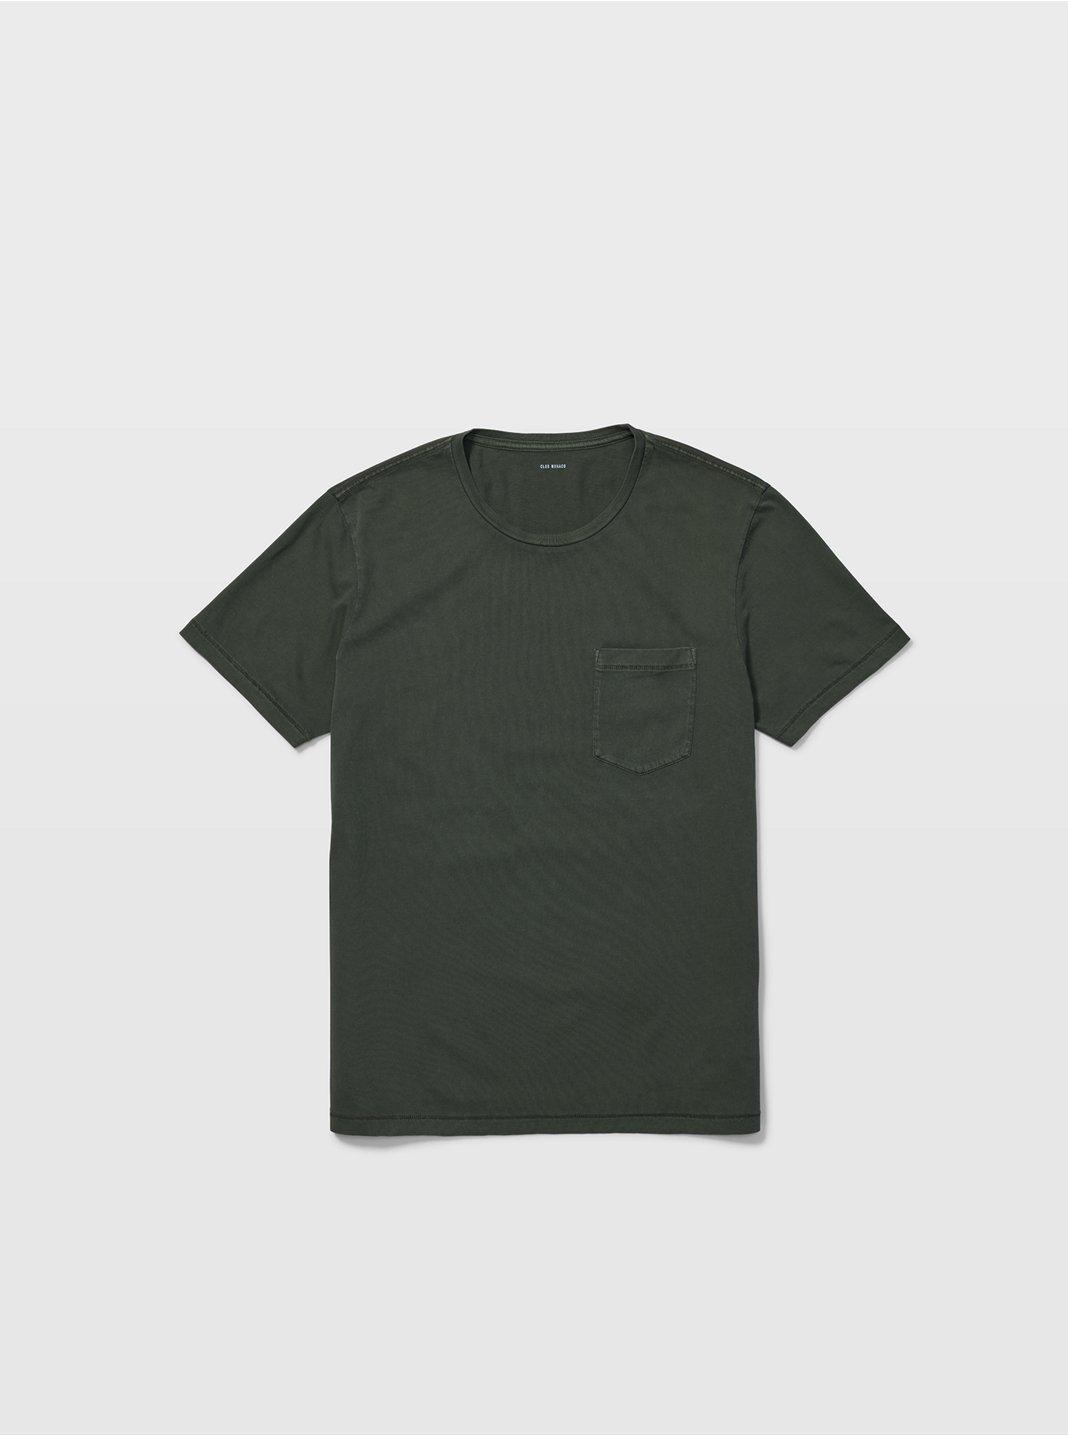 클럽 모나코 맨 Williams 반팔 티셔츠 Club Monaco Williams Garment-Dyed Crew,Olive